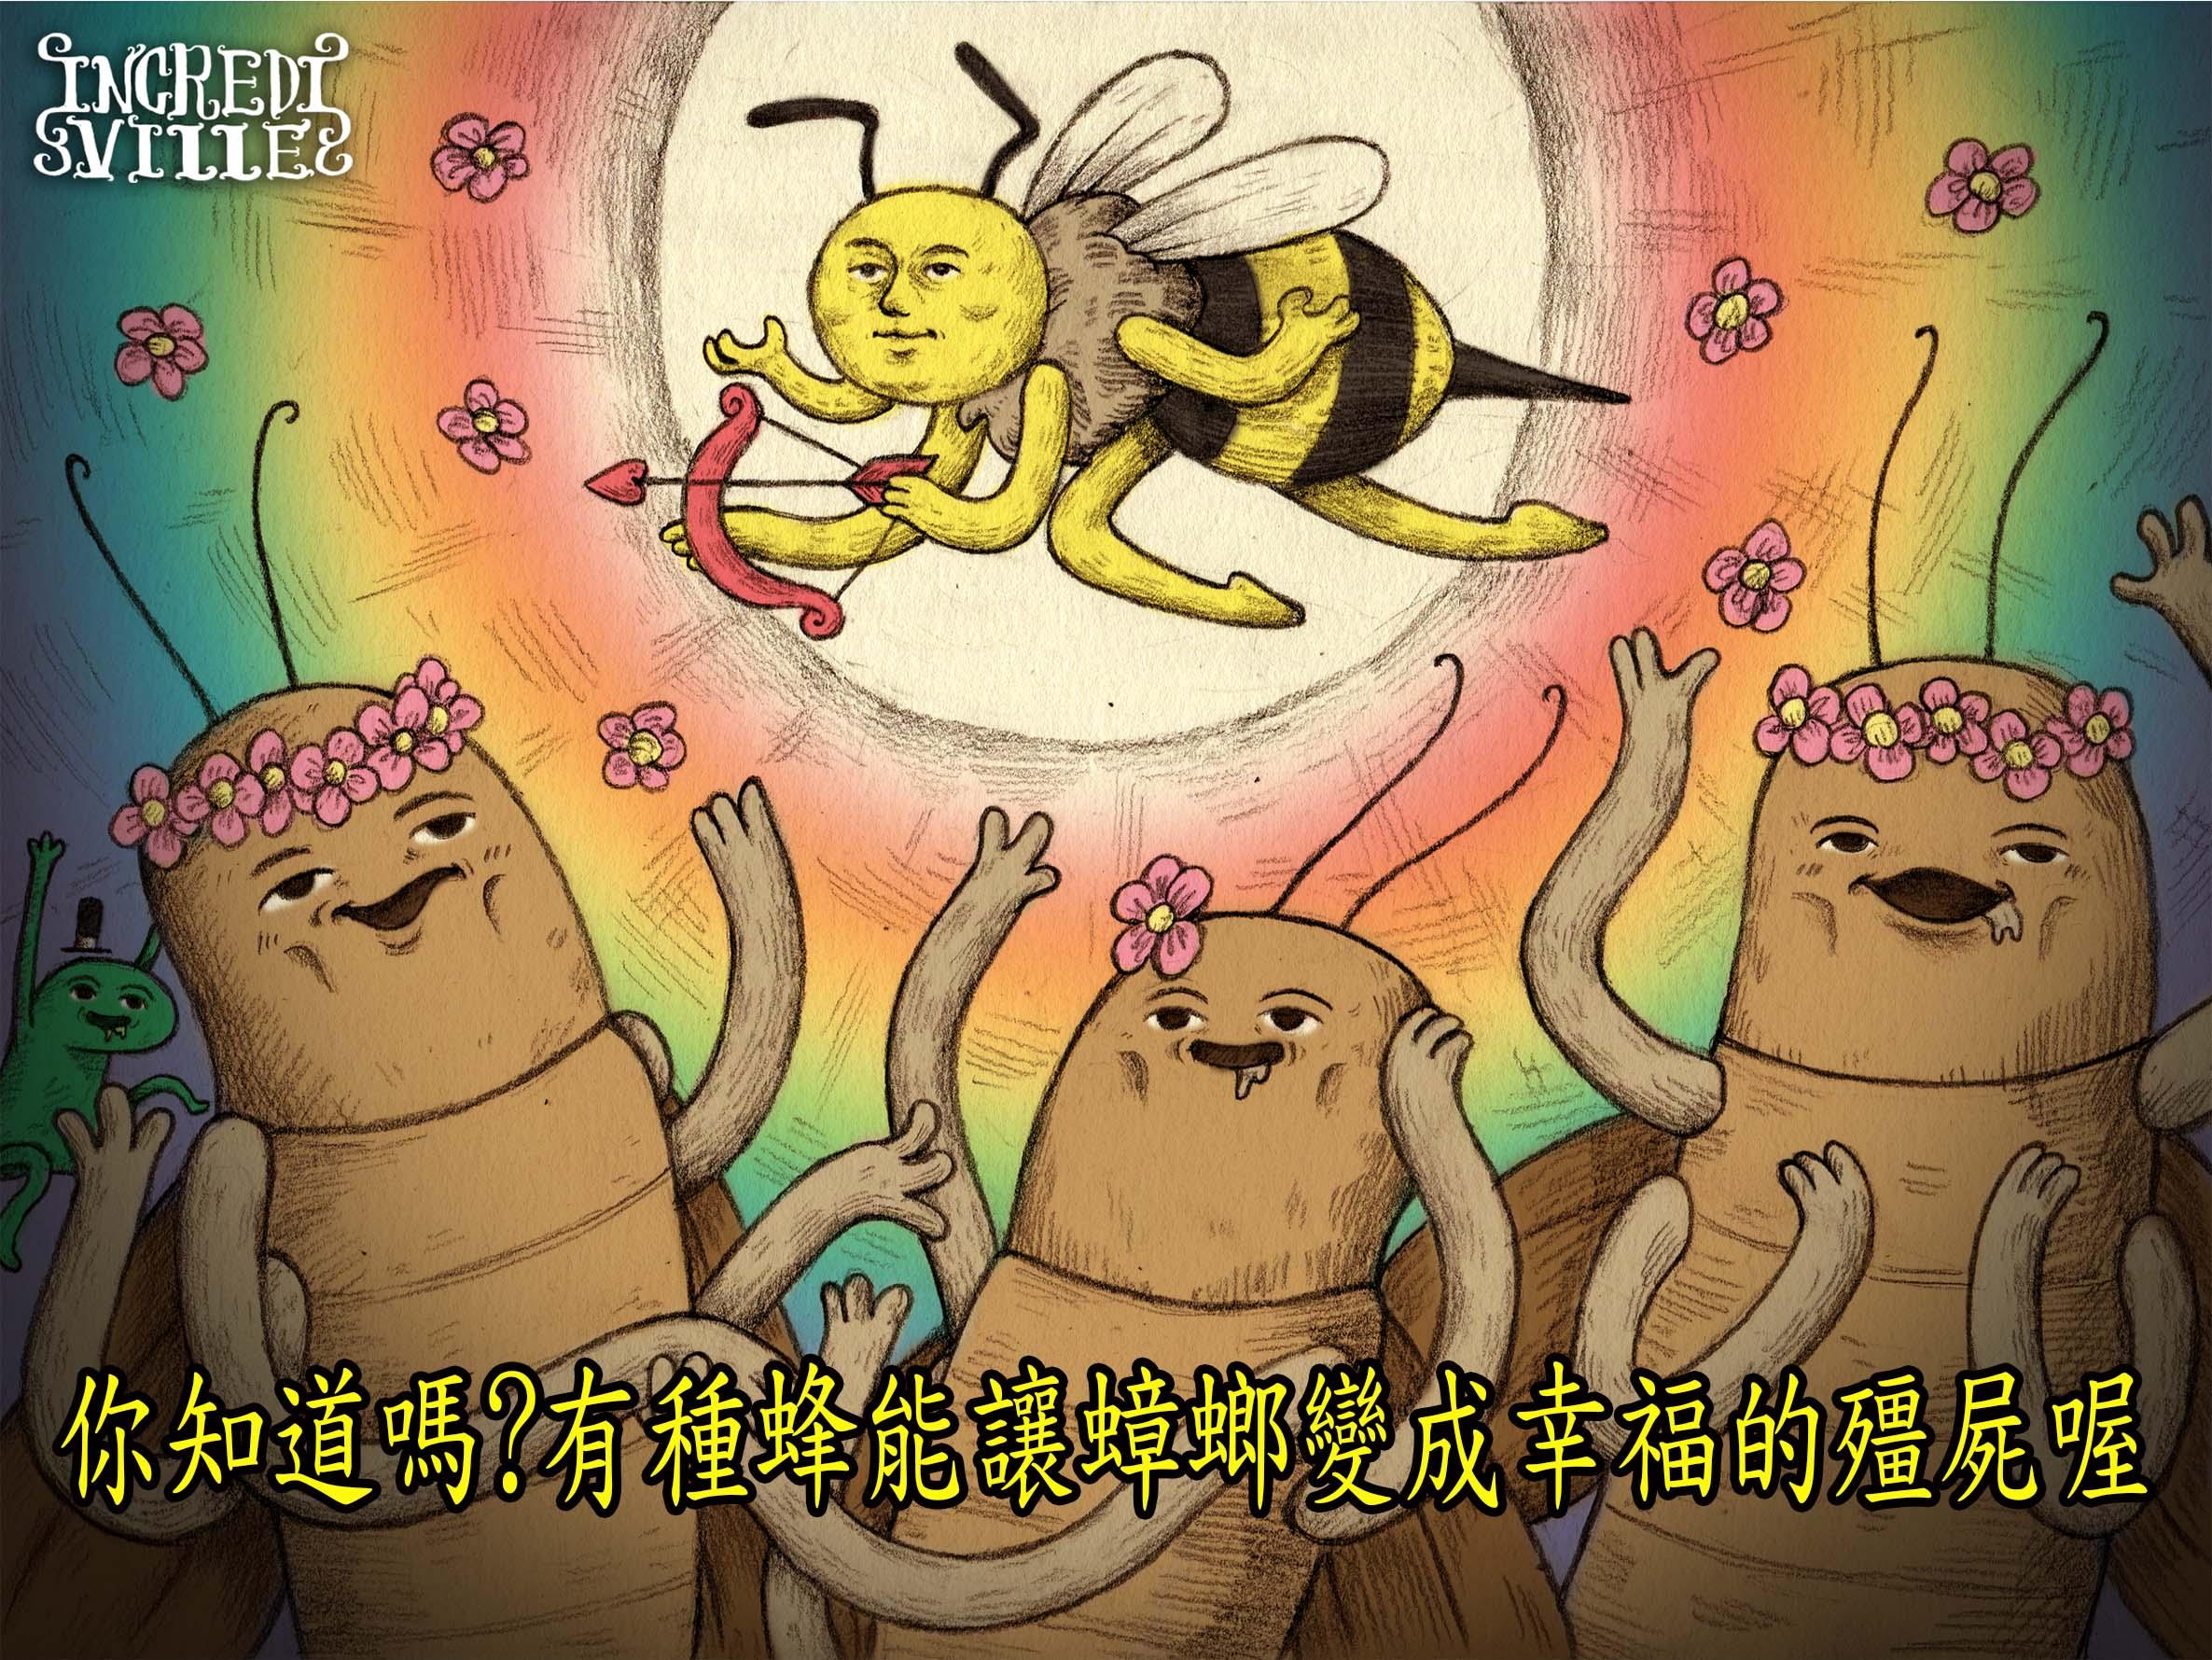 你知道吗?有种蜂能让蟑螂变成幸福的殭尸喔